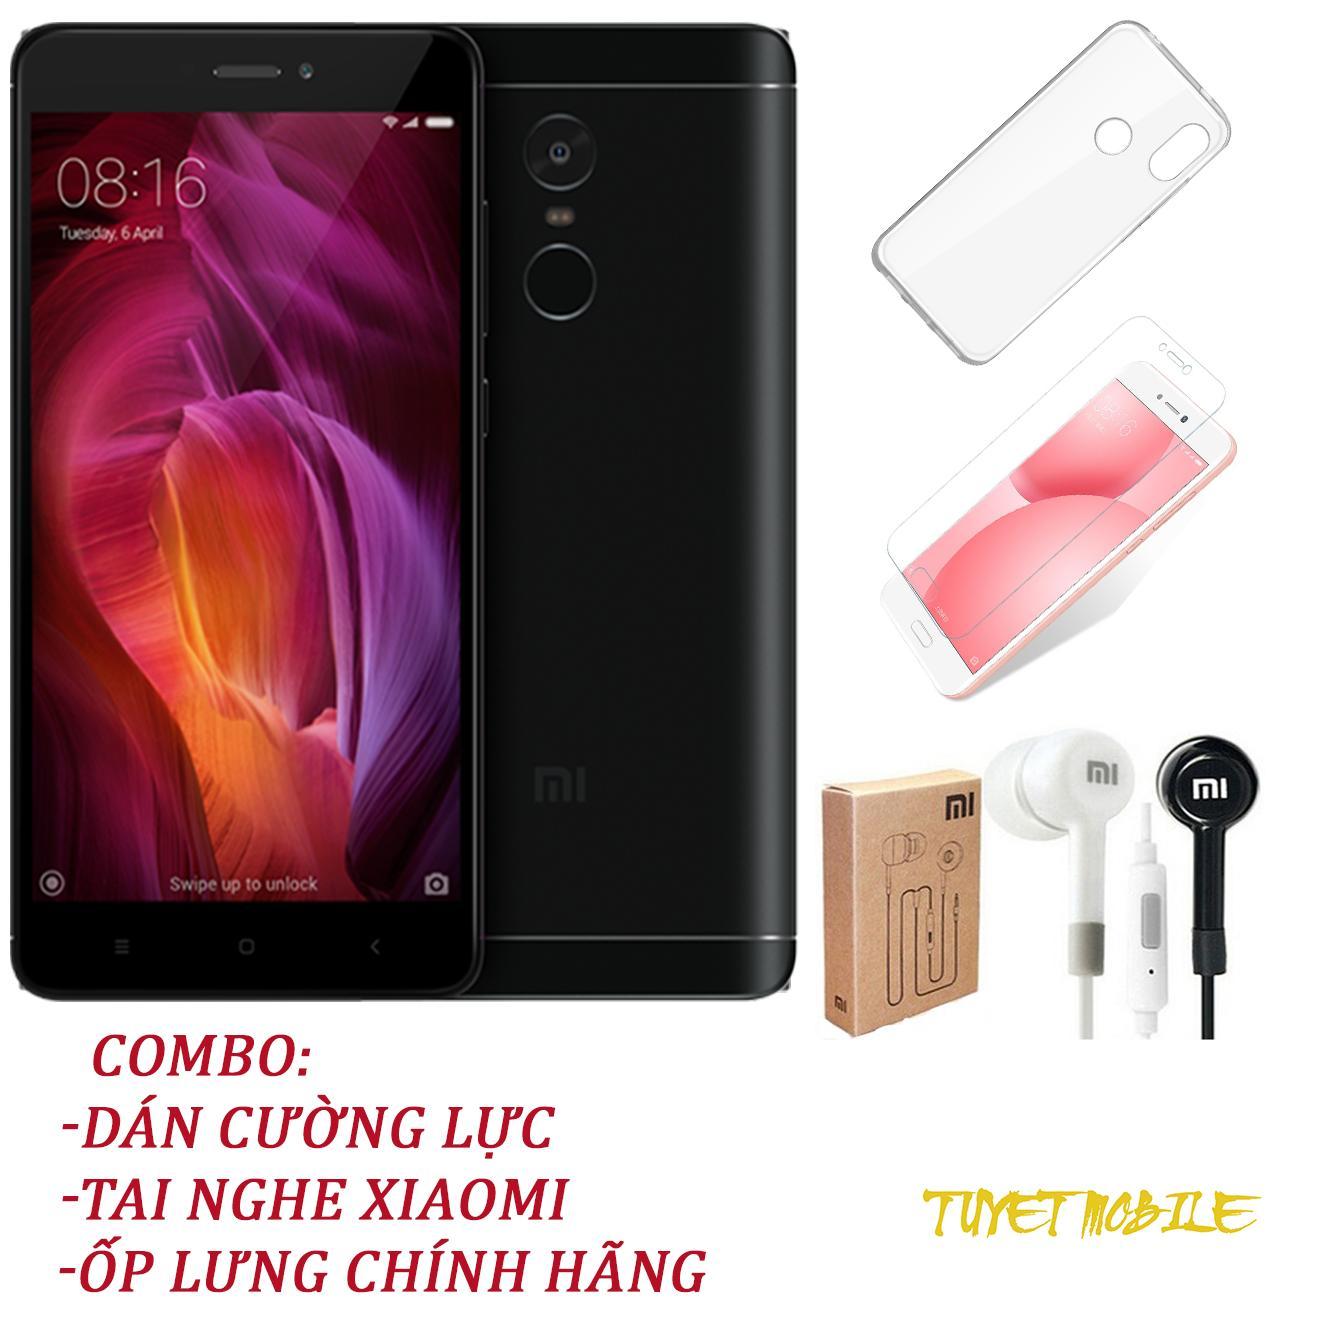 Điện Thoại Xiaomi Redmi Note4x (32GB/3G) - Tặng Kèm Kính Cường Lưc + Ốp Lưng + Tai Nghe - Có sẵn Tiếng Việt